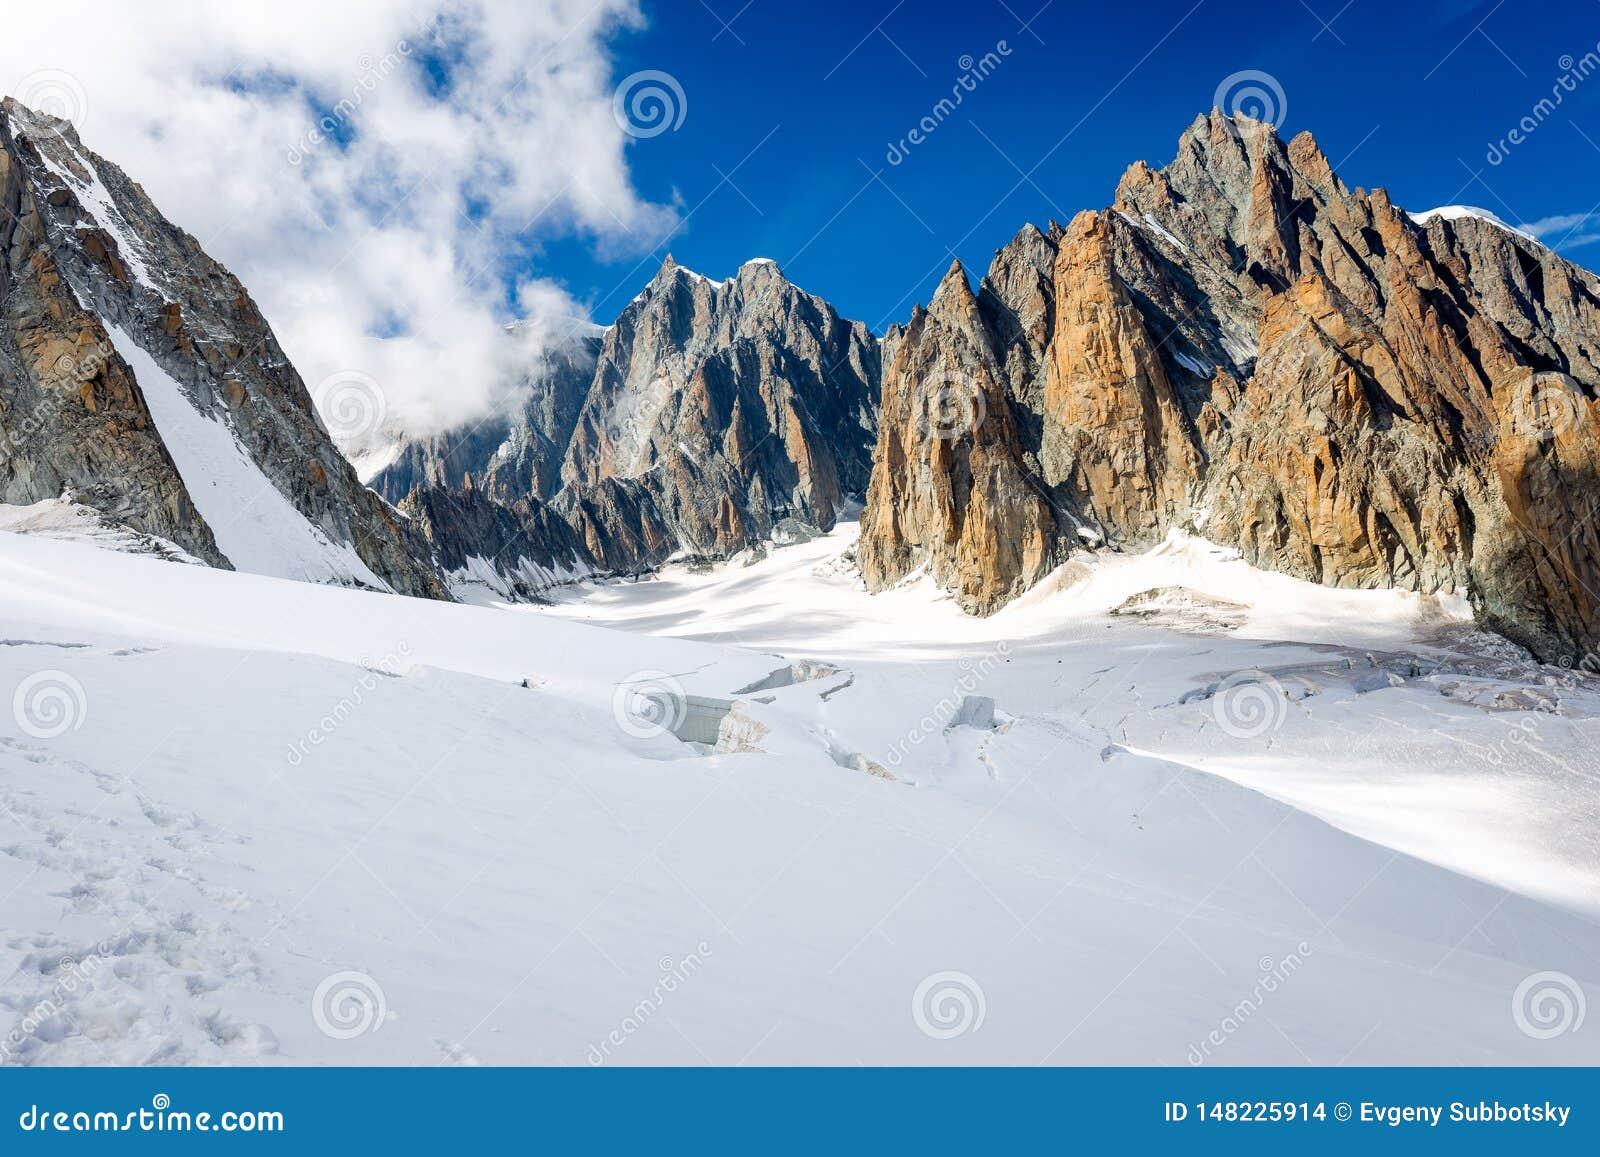 Alps g?r grani szczyt?w lodowa krajobraz, Mont Blanc masyw